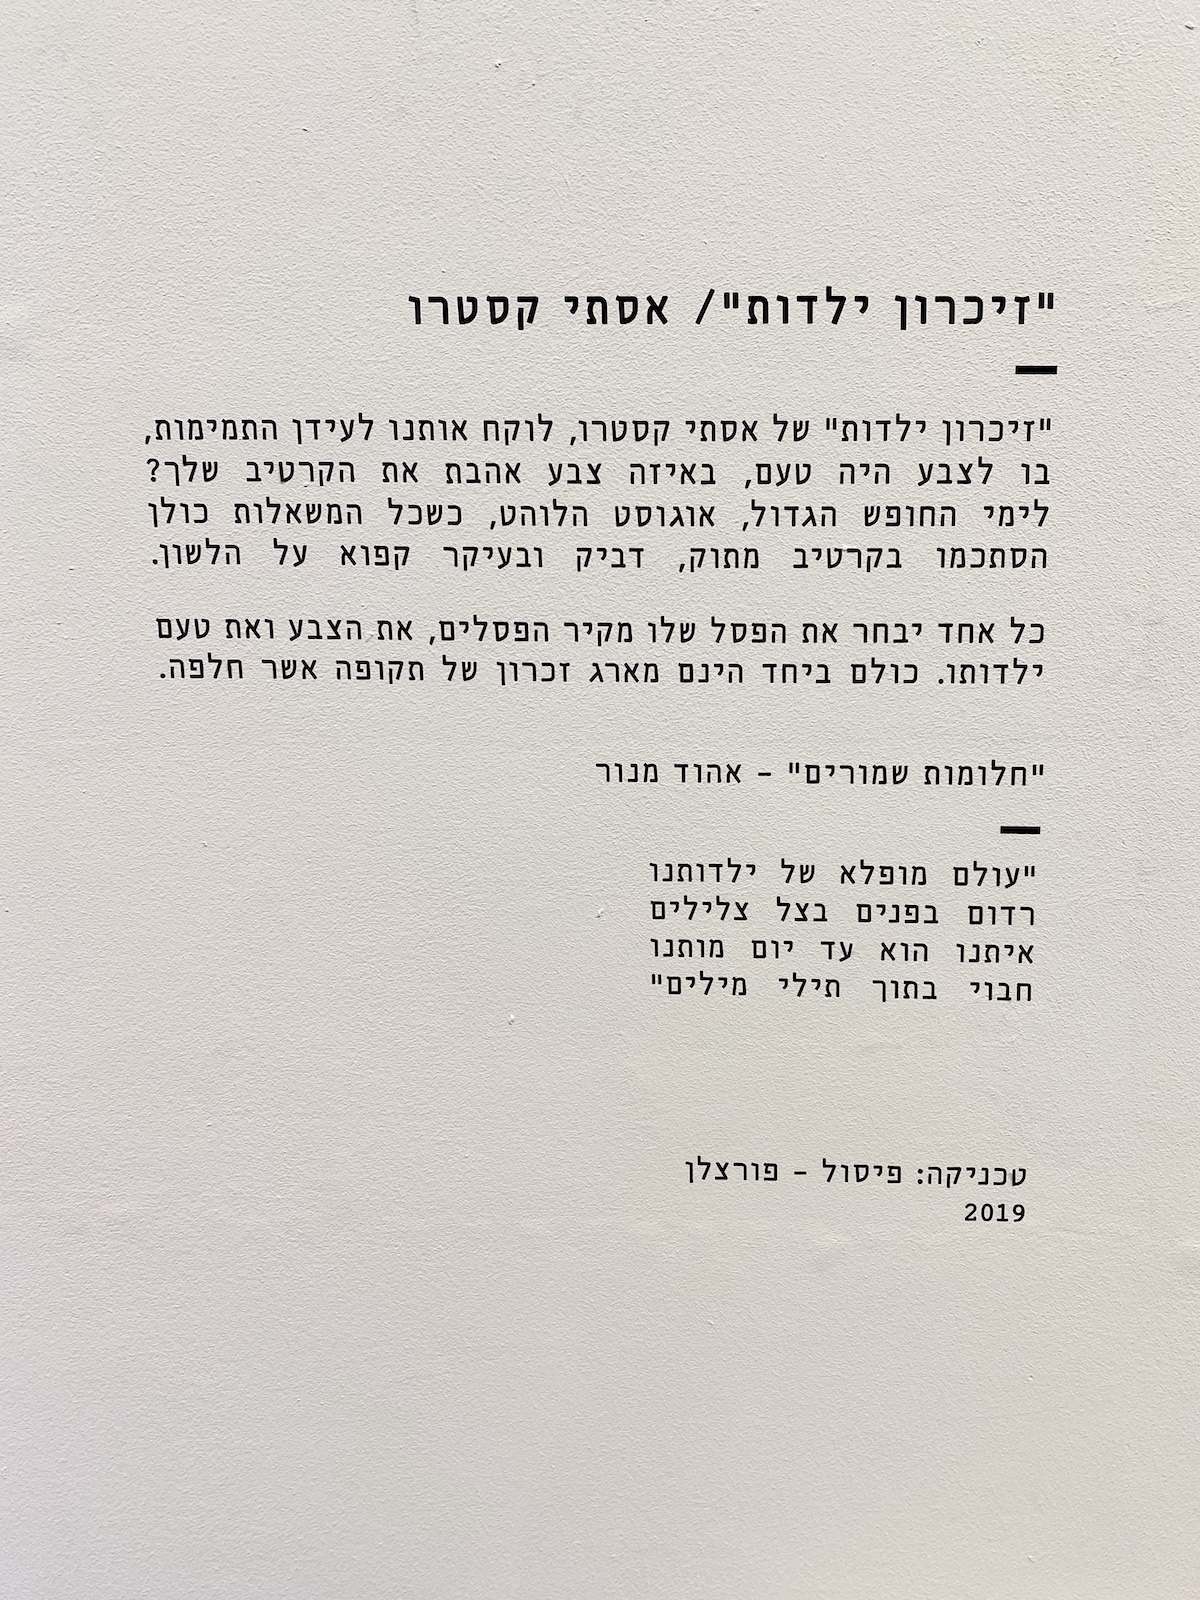 תערוכת אמנות ישראלית איידי דיזיין חיפה שירי ויצנר בלוג חיפאית 22